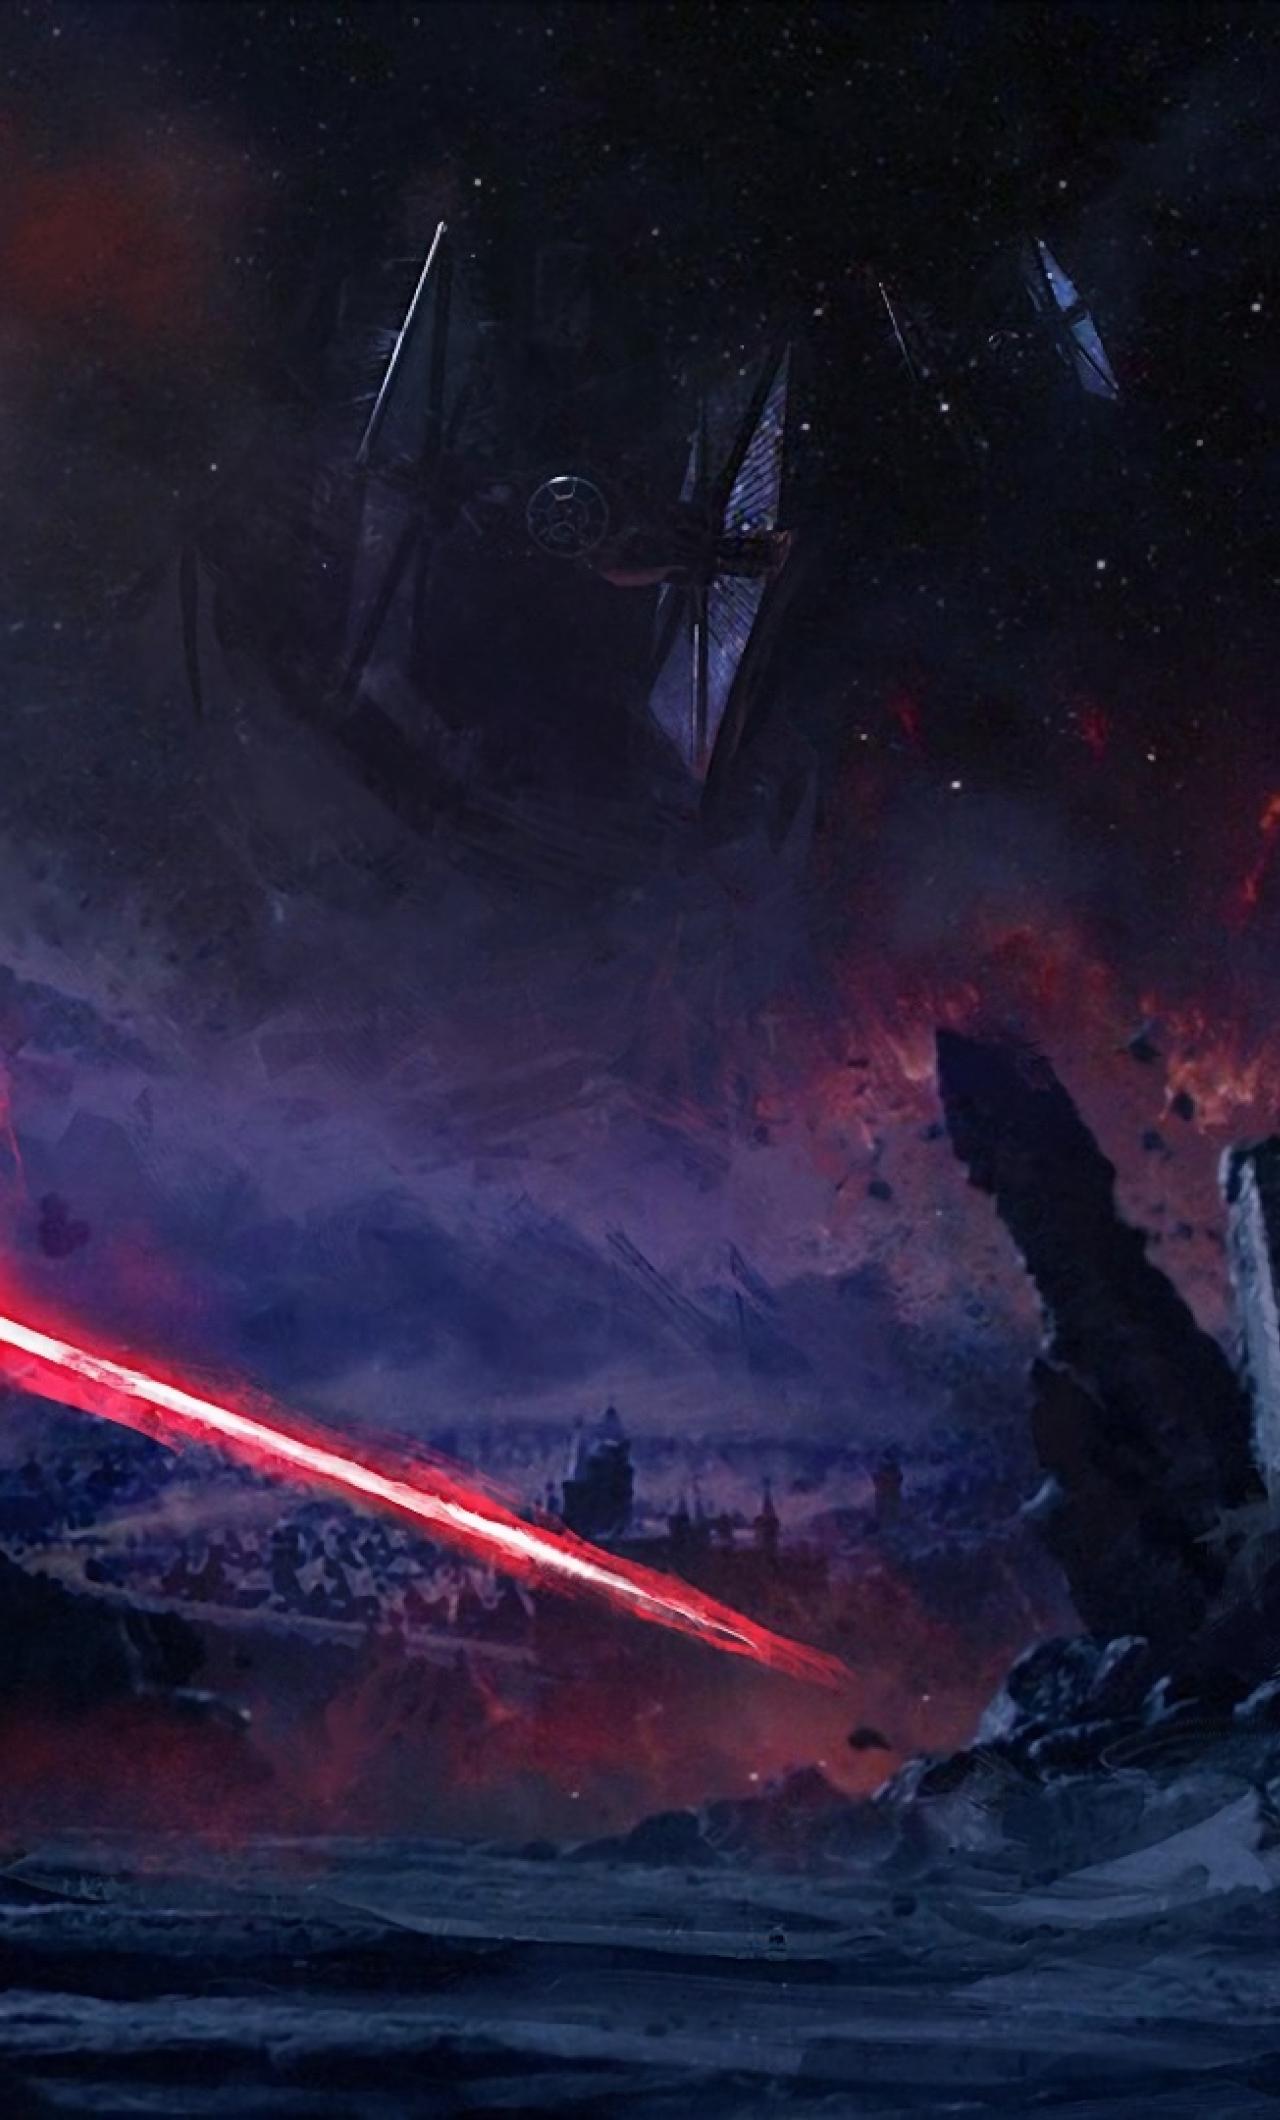 Kylo Ren Star Wars Art Iphone 6 Plus Wallpaper Hd Hd Star Wars 9 1280x2120 Download Hd Wallpaper Wallpapertip